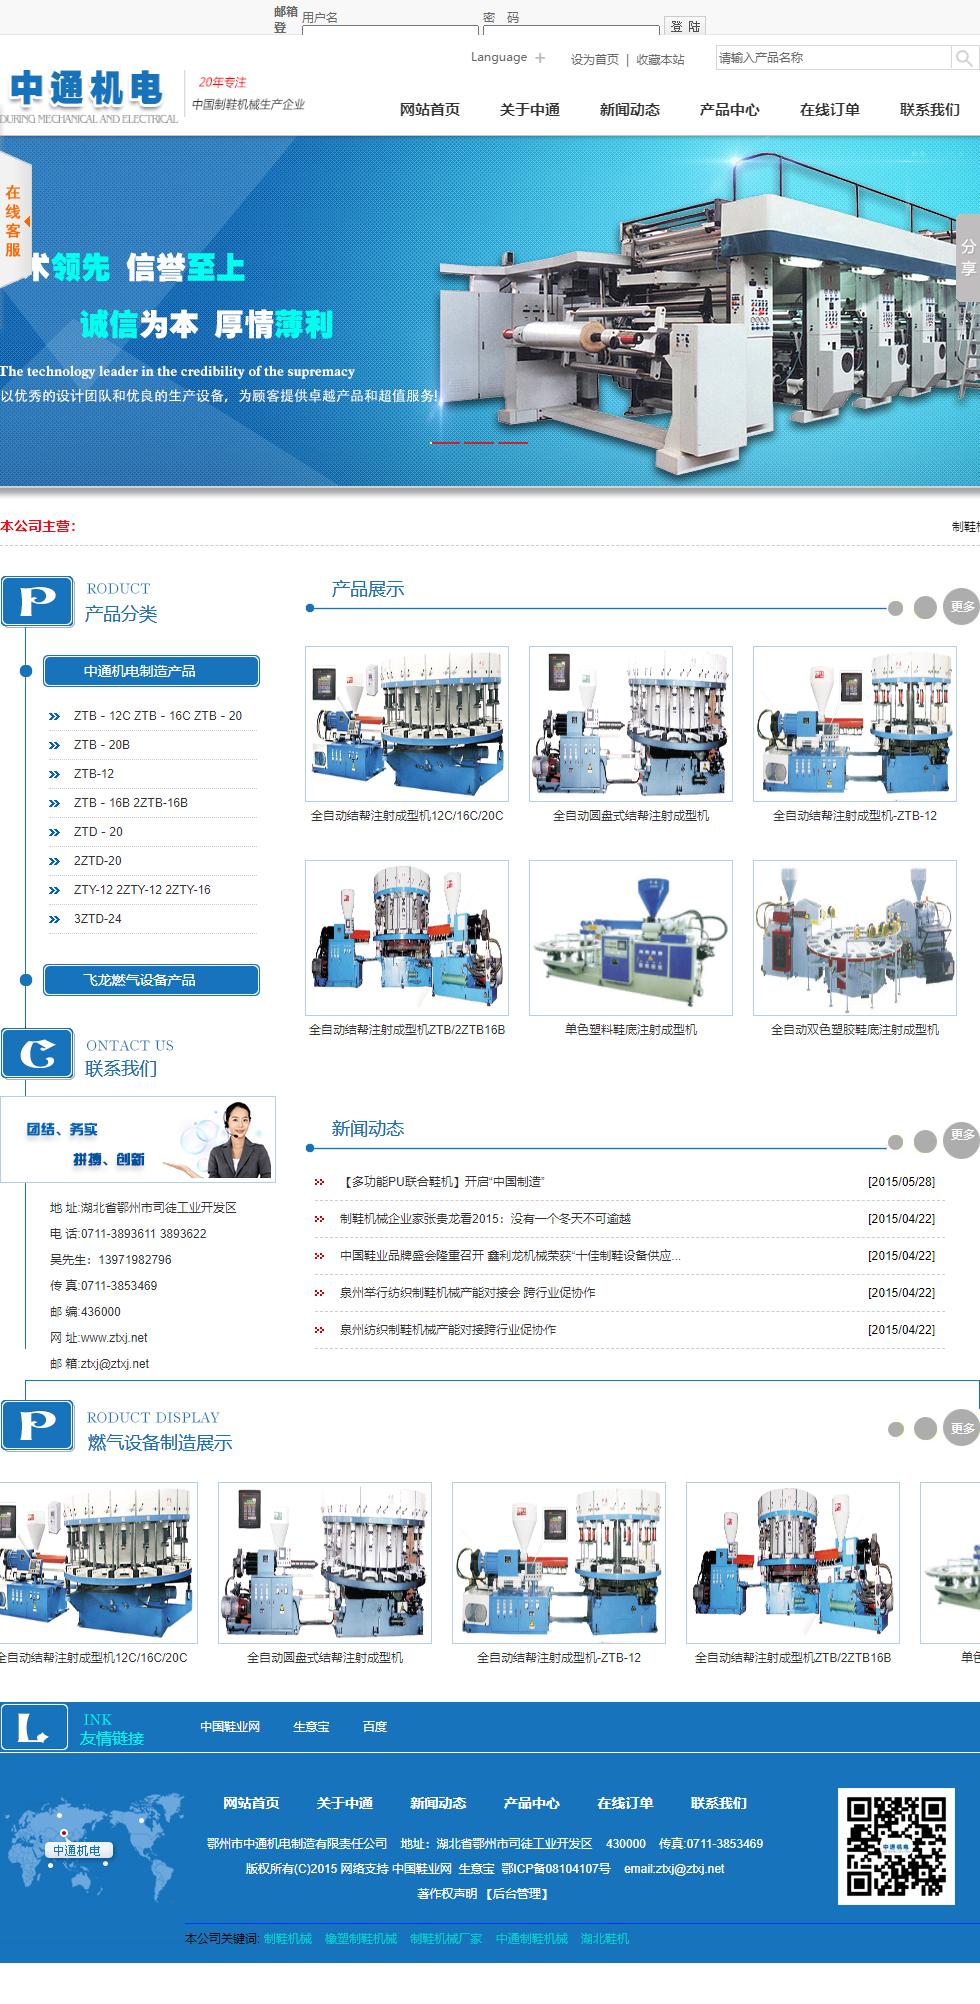 鄂州市中通机电制造有限责任公司网站案例